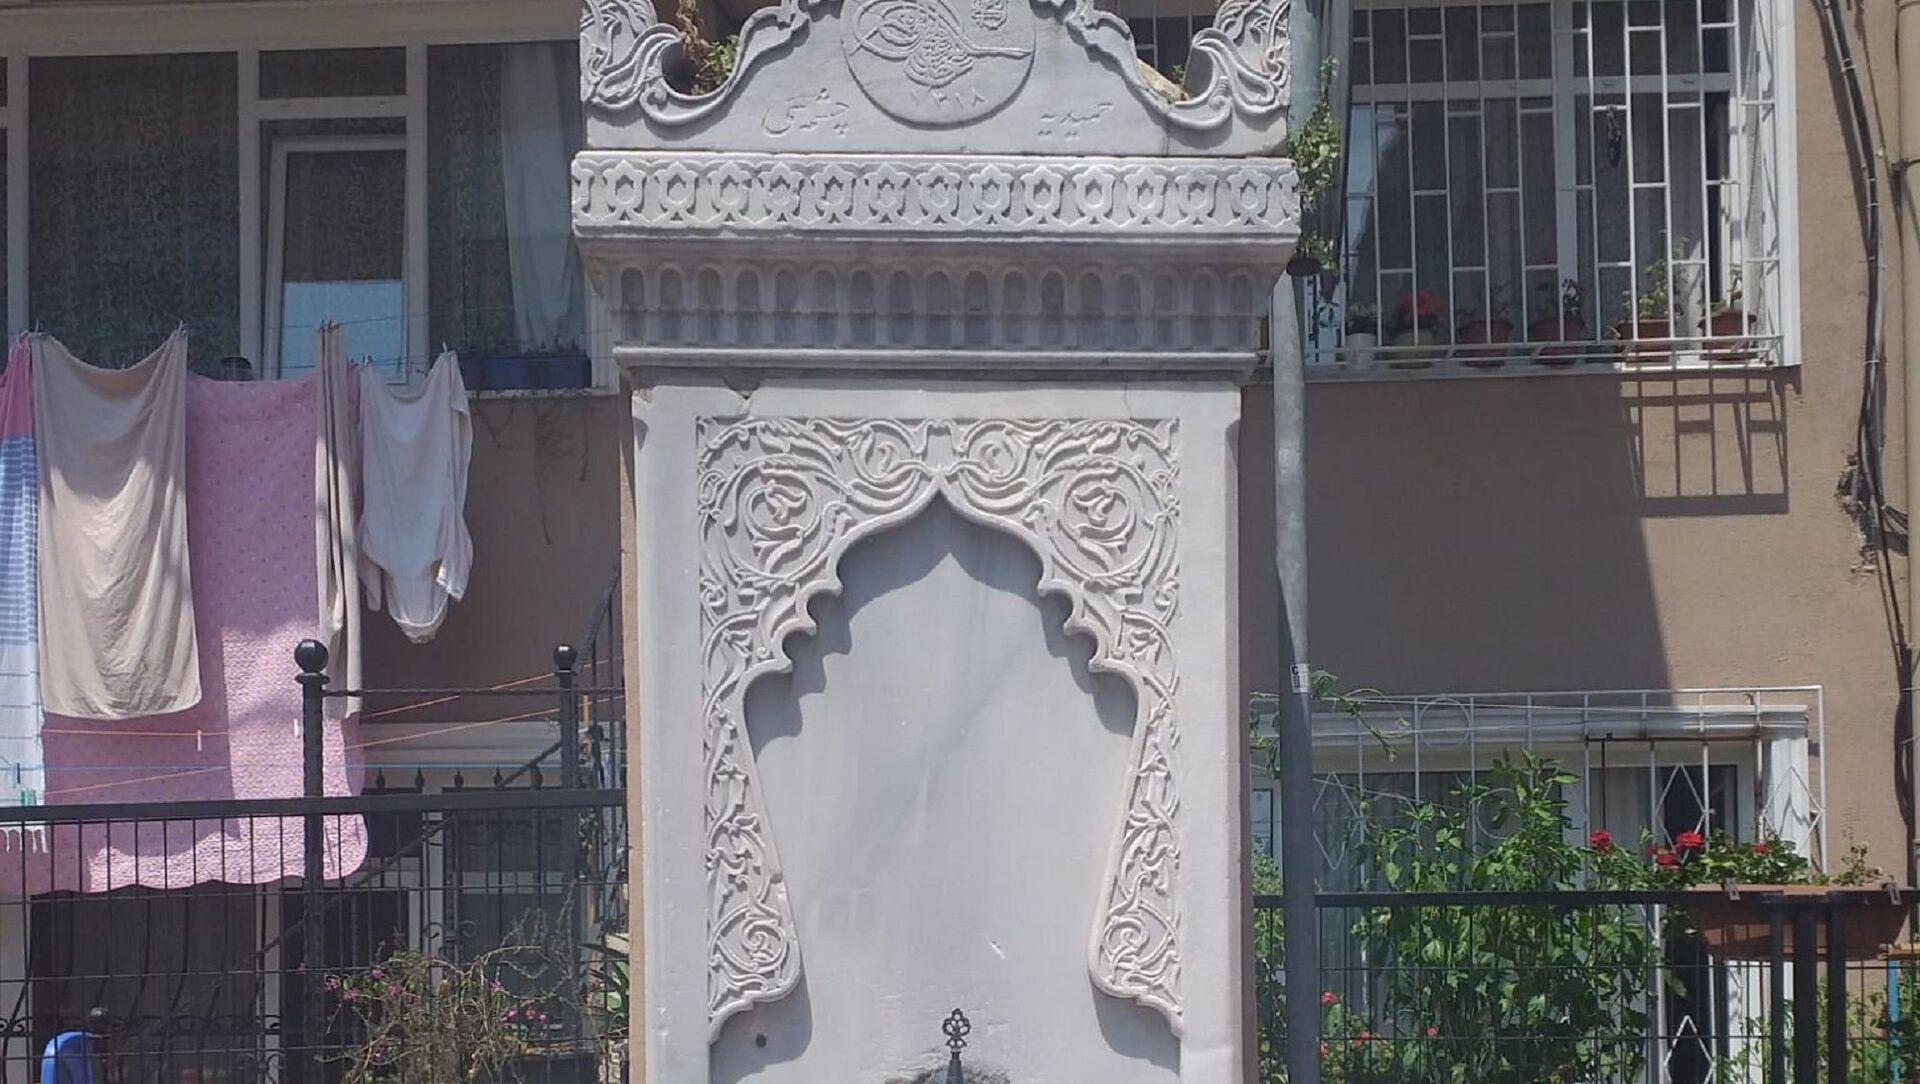 Beşiktaş Eğriçınar Sokak'ta yer alan tarihi çeşmede Abdülhamid Han tuğrası - Sputnik Türkiye, 1920, 26.07.2021